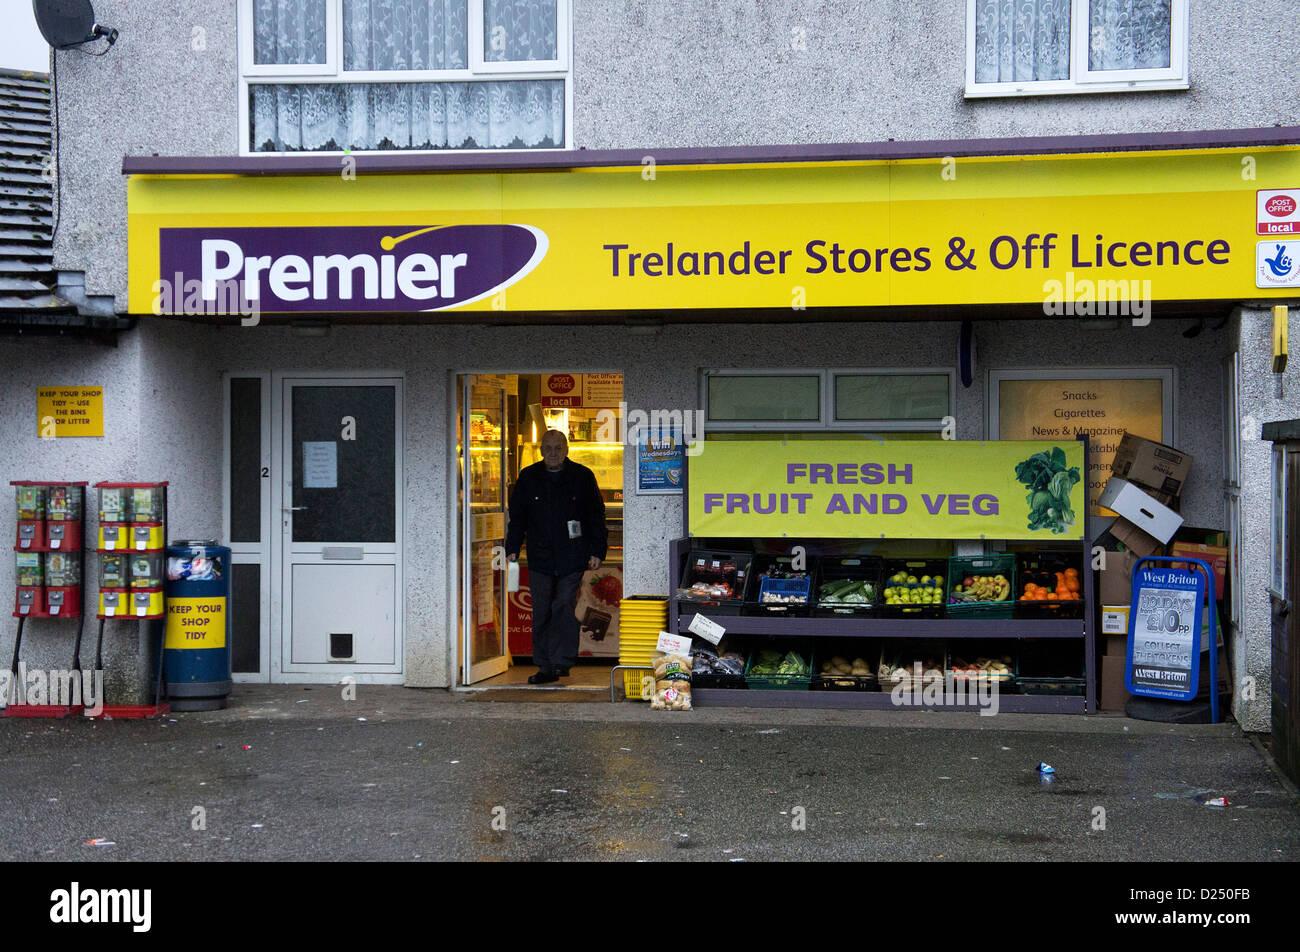 Un Premier negozi locali e licenza off Immagini Stock